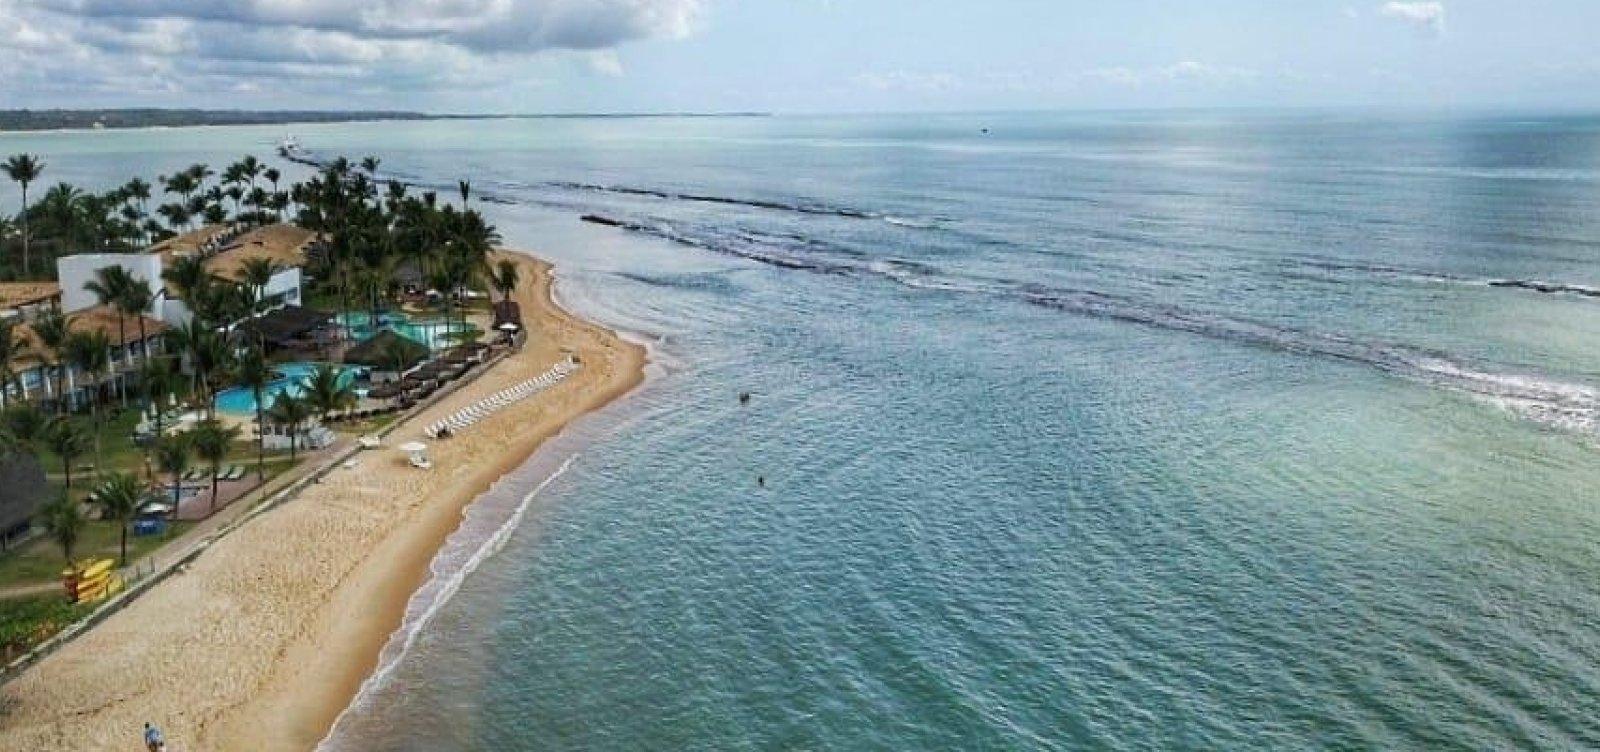 Seis cidades estão com fragmentos de óleo na Bahia